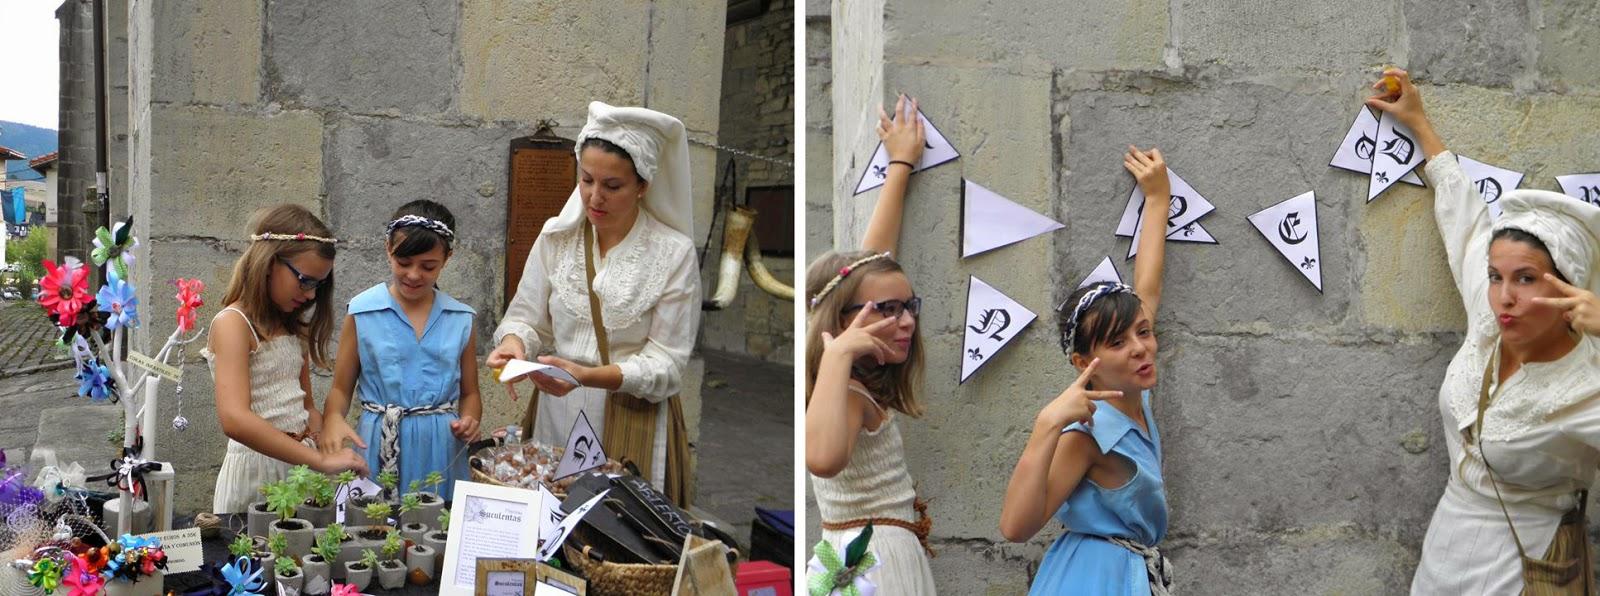 Mercado medieval de Artziniega y banderines medievales  descargables1